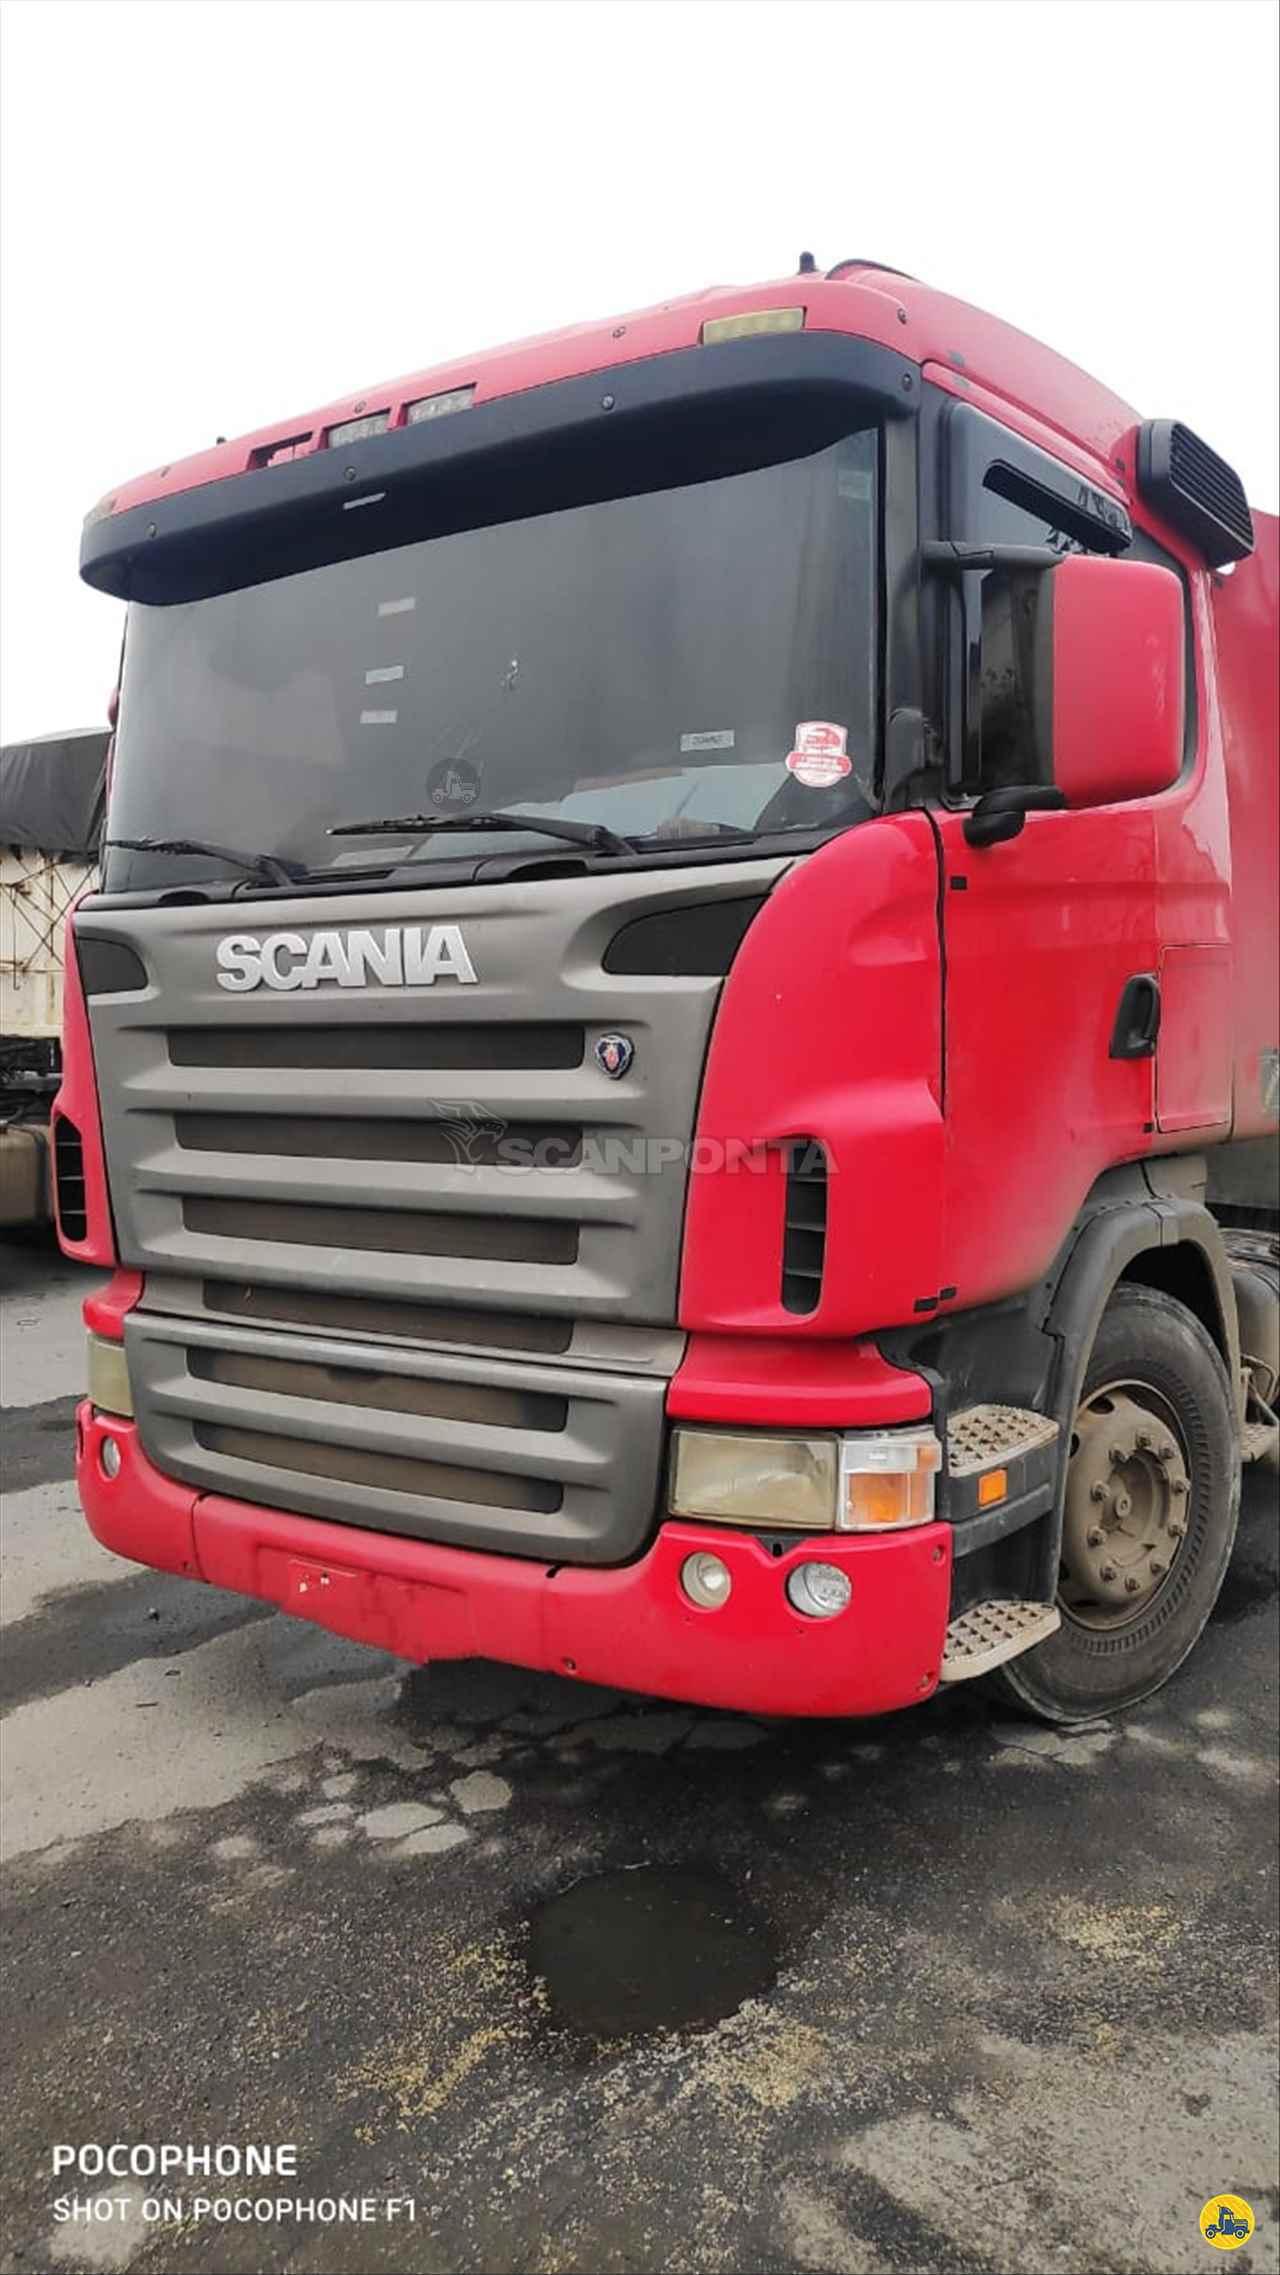 CAMINHAO SCANIA SCANIA 420 Cavalo Mecânico Truck 6x2 Scanponta Caminhões Peças e Serviços PONTA GROSSA PARANÁ PR